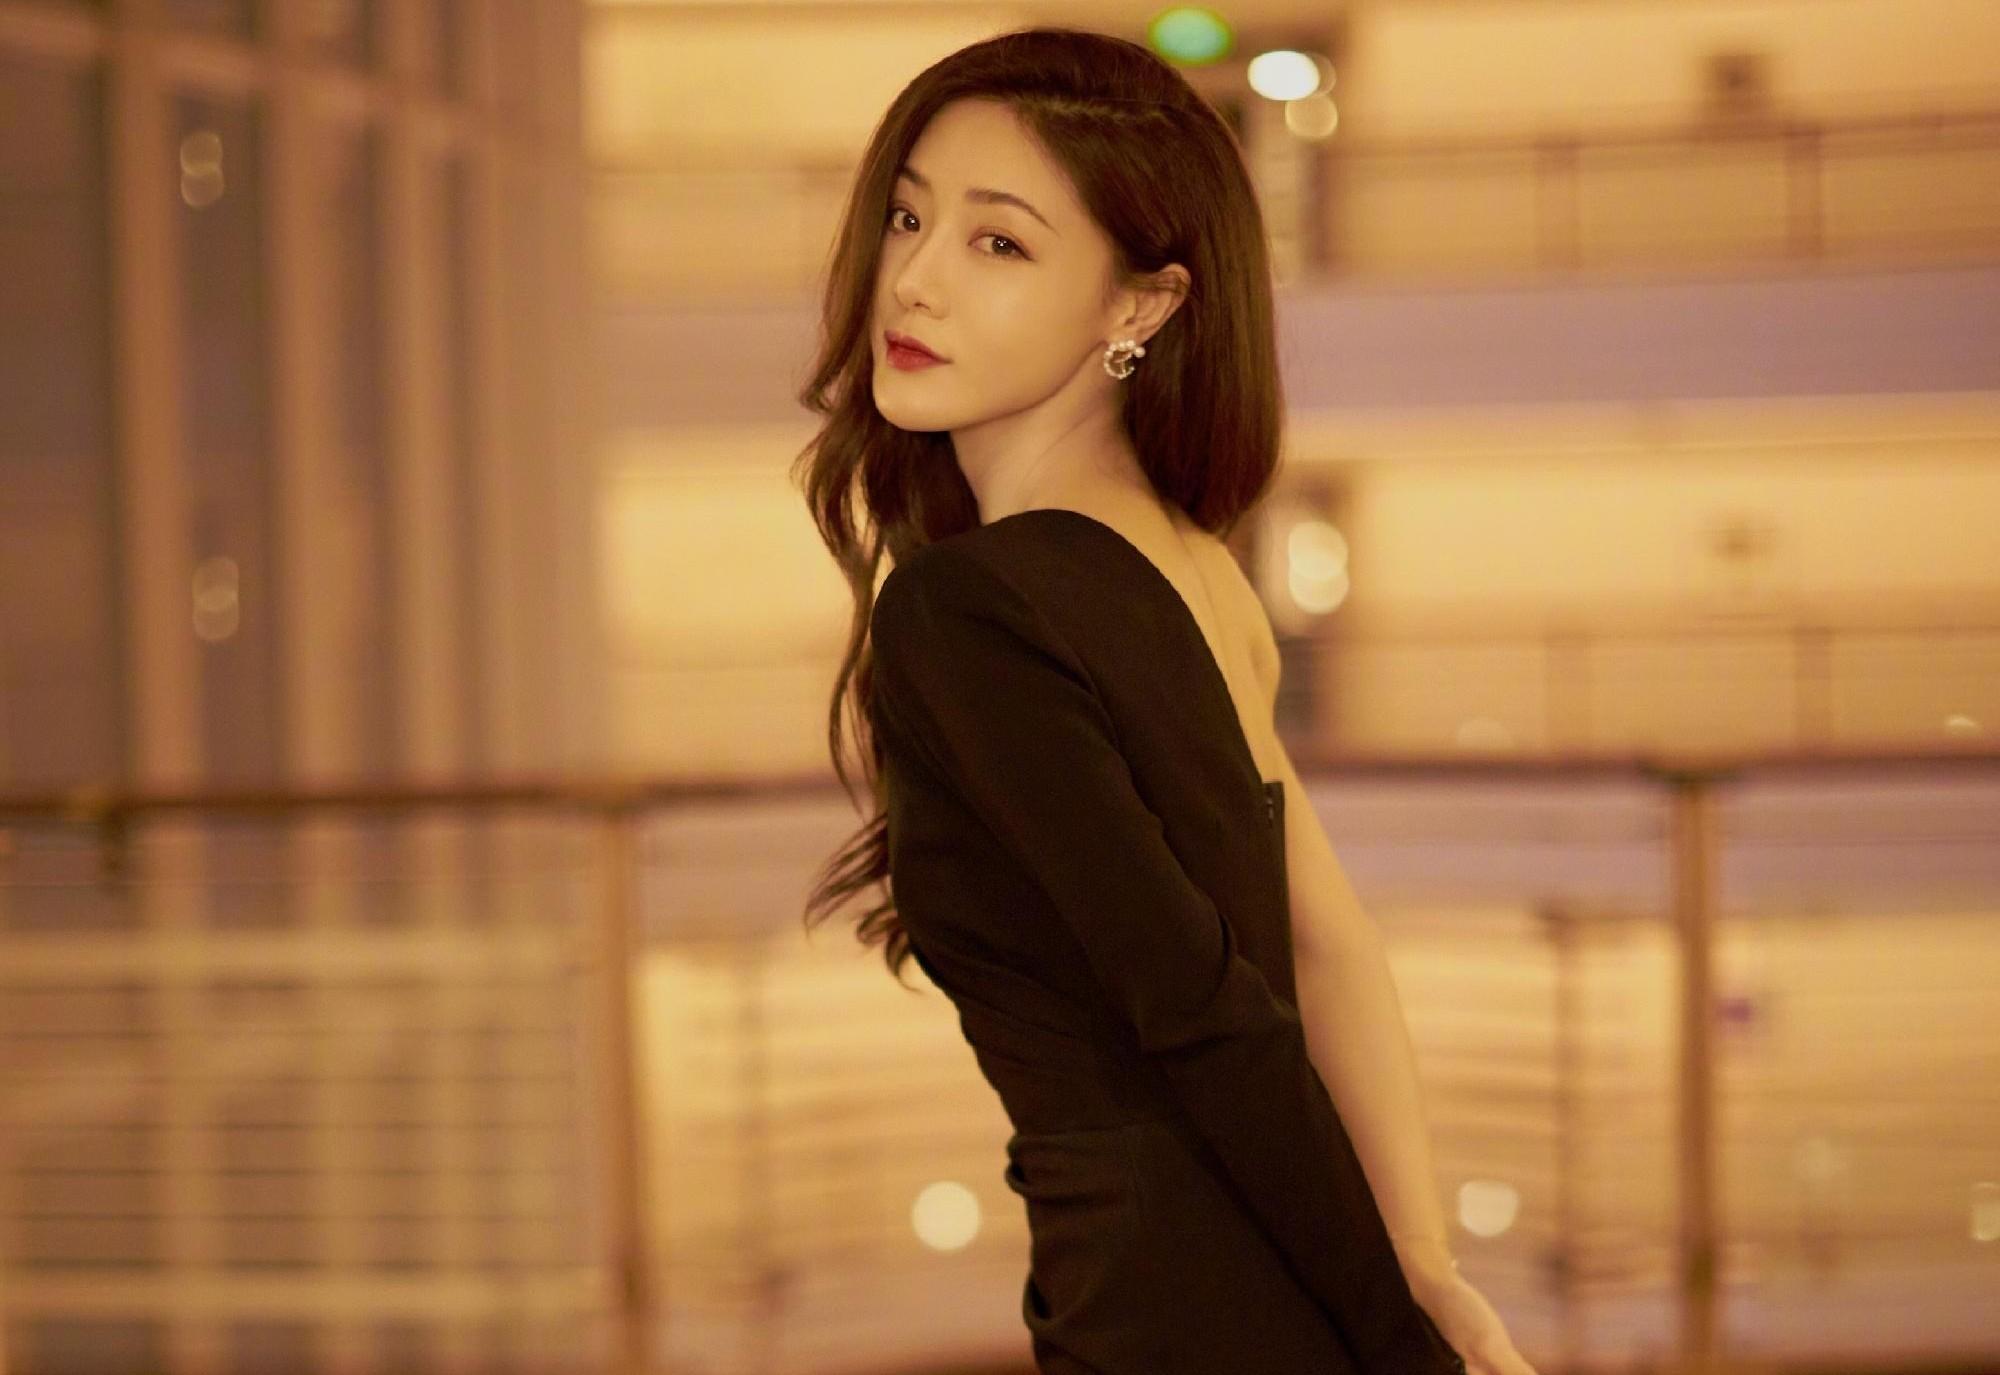 邓家佳化身气质女神,斜肩黑色鱼尾裙衬托好身材,时髦优雅又吸睛